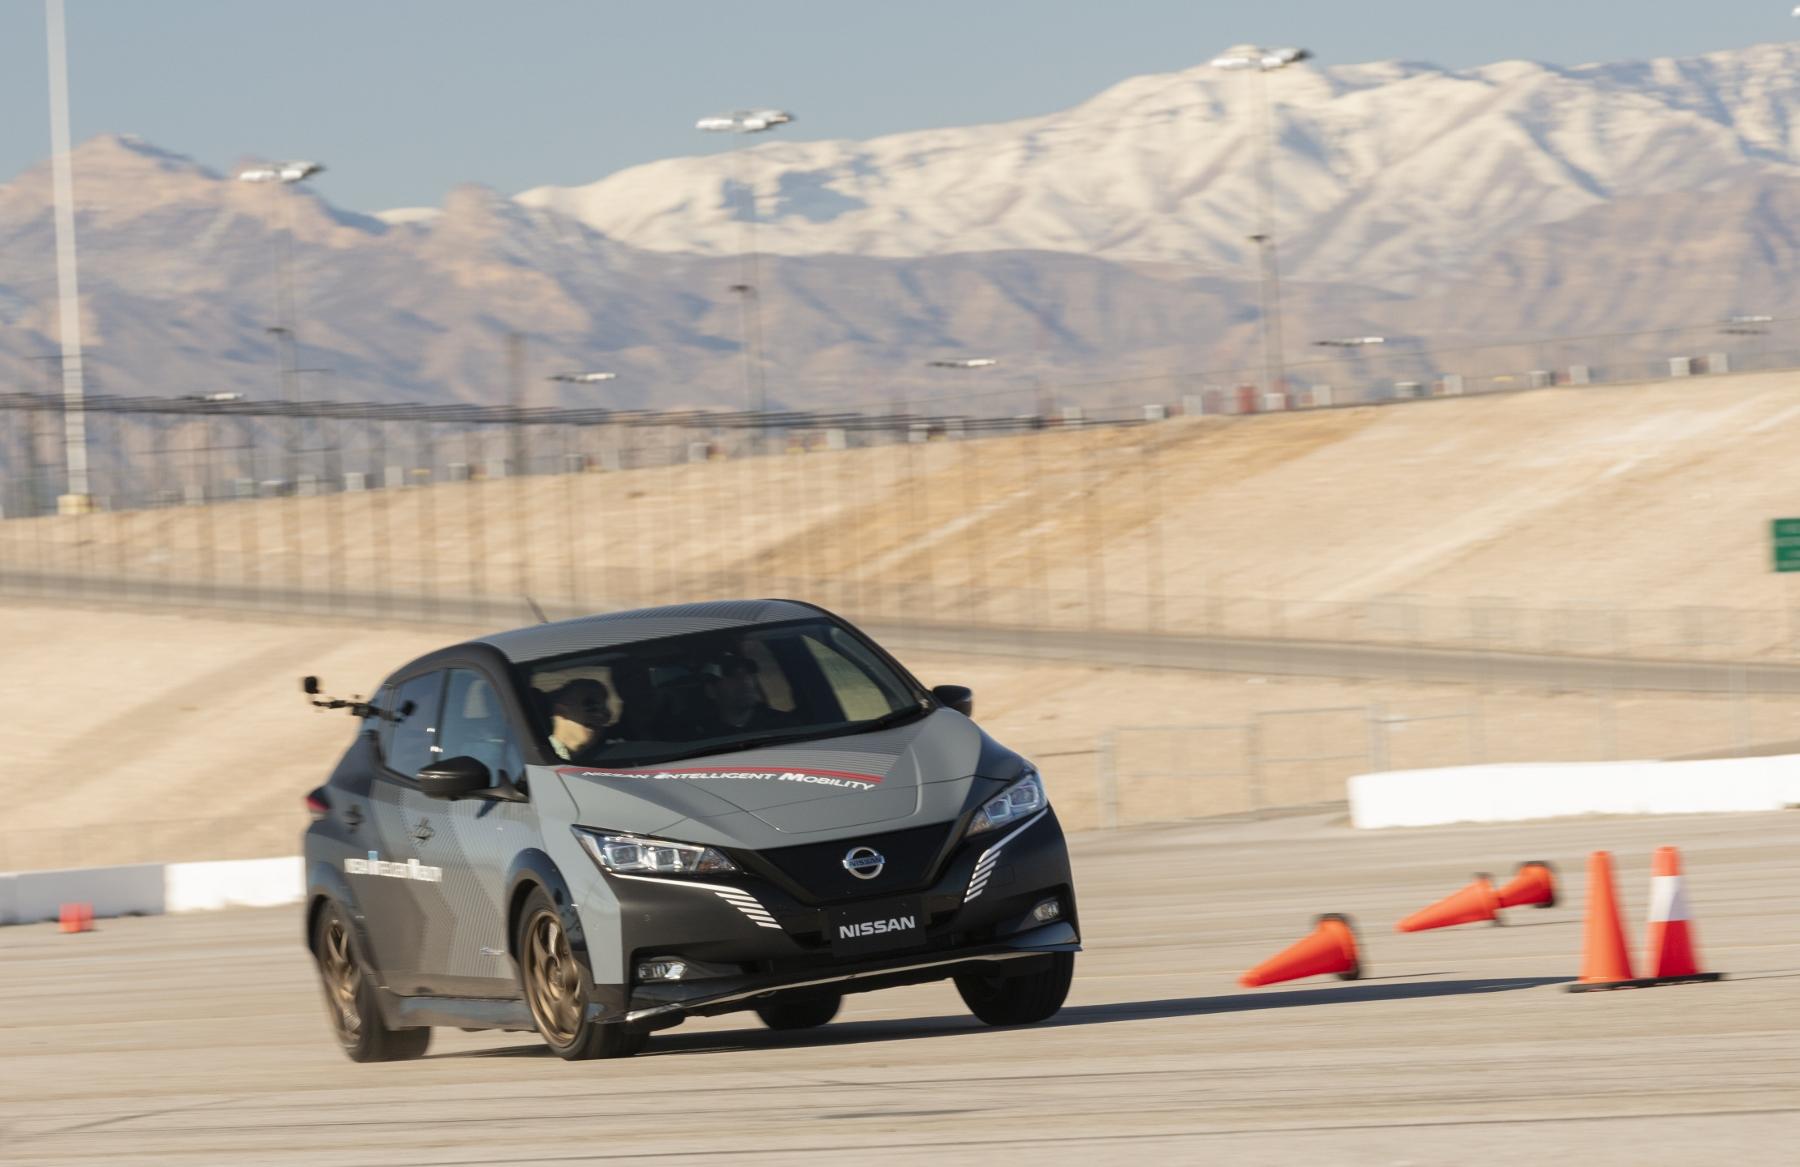 Nissan prichádza s revolučným elektrickým pohonom všetkých kolies SlQb6QaQJr nissan-leaf-prototyp-1